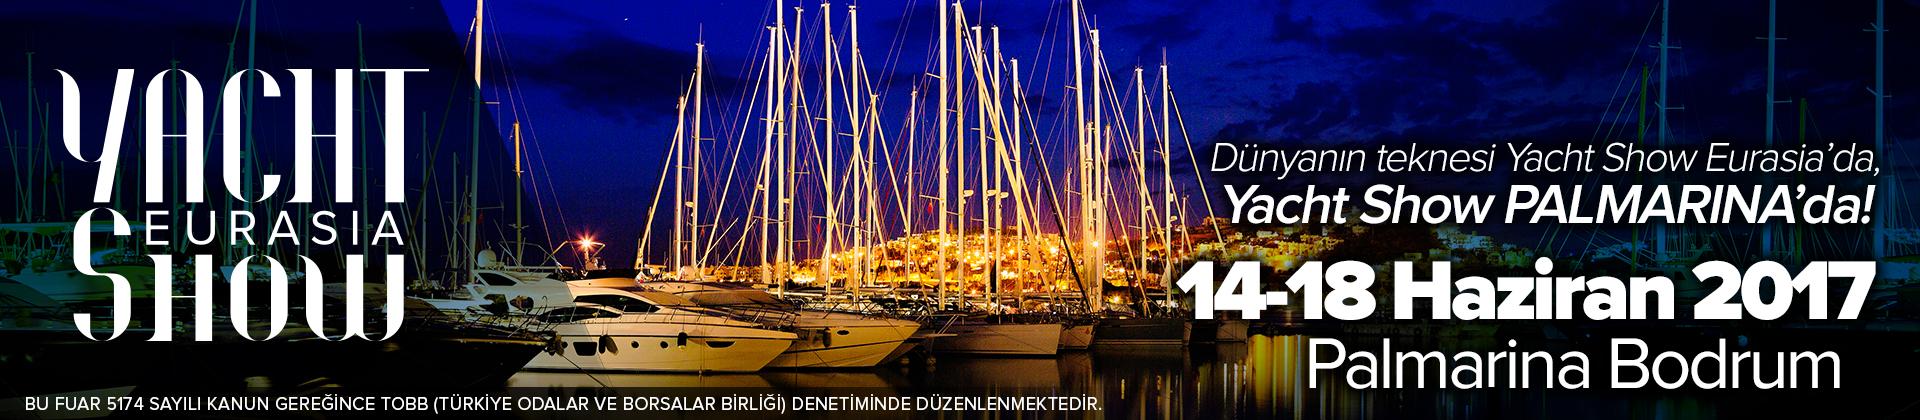 Yacht Show Eurasia Fuarı İçin Geri Sayım Başladı...